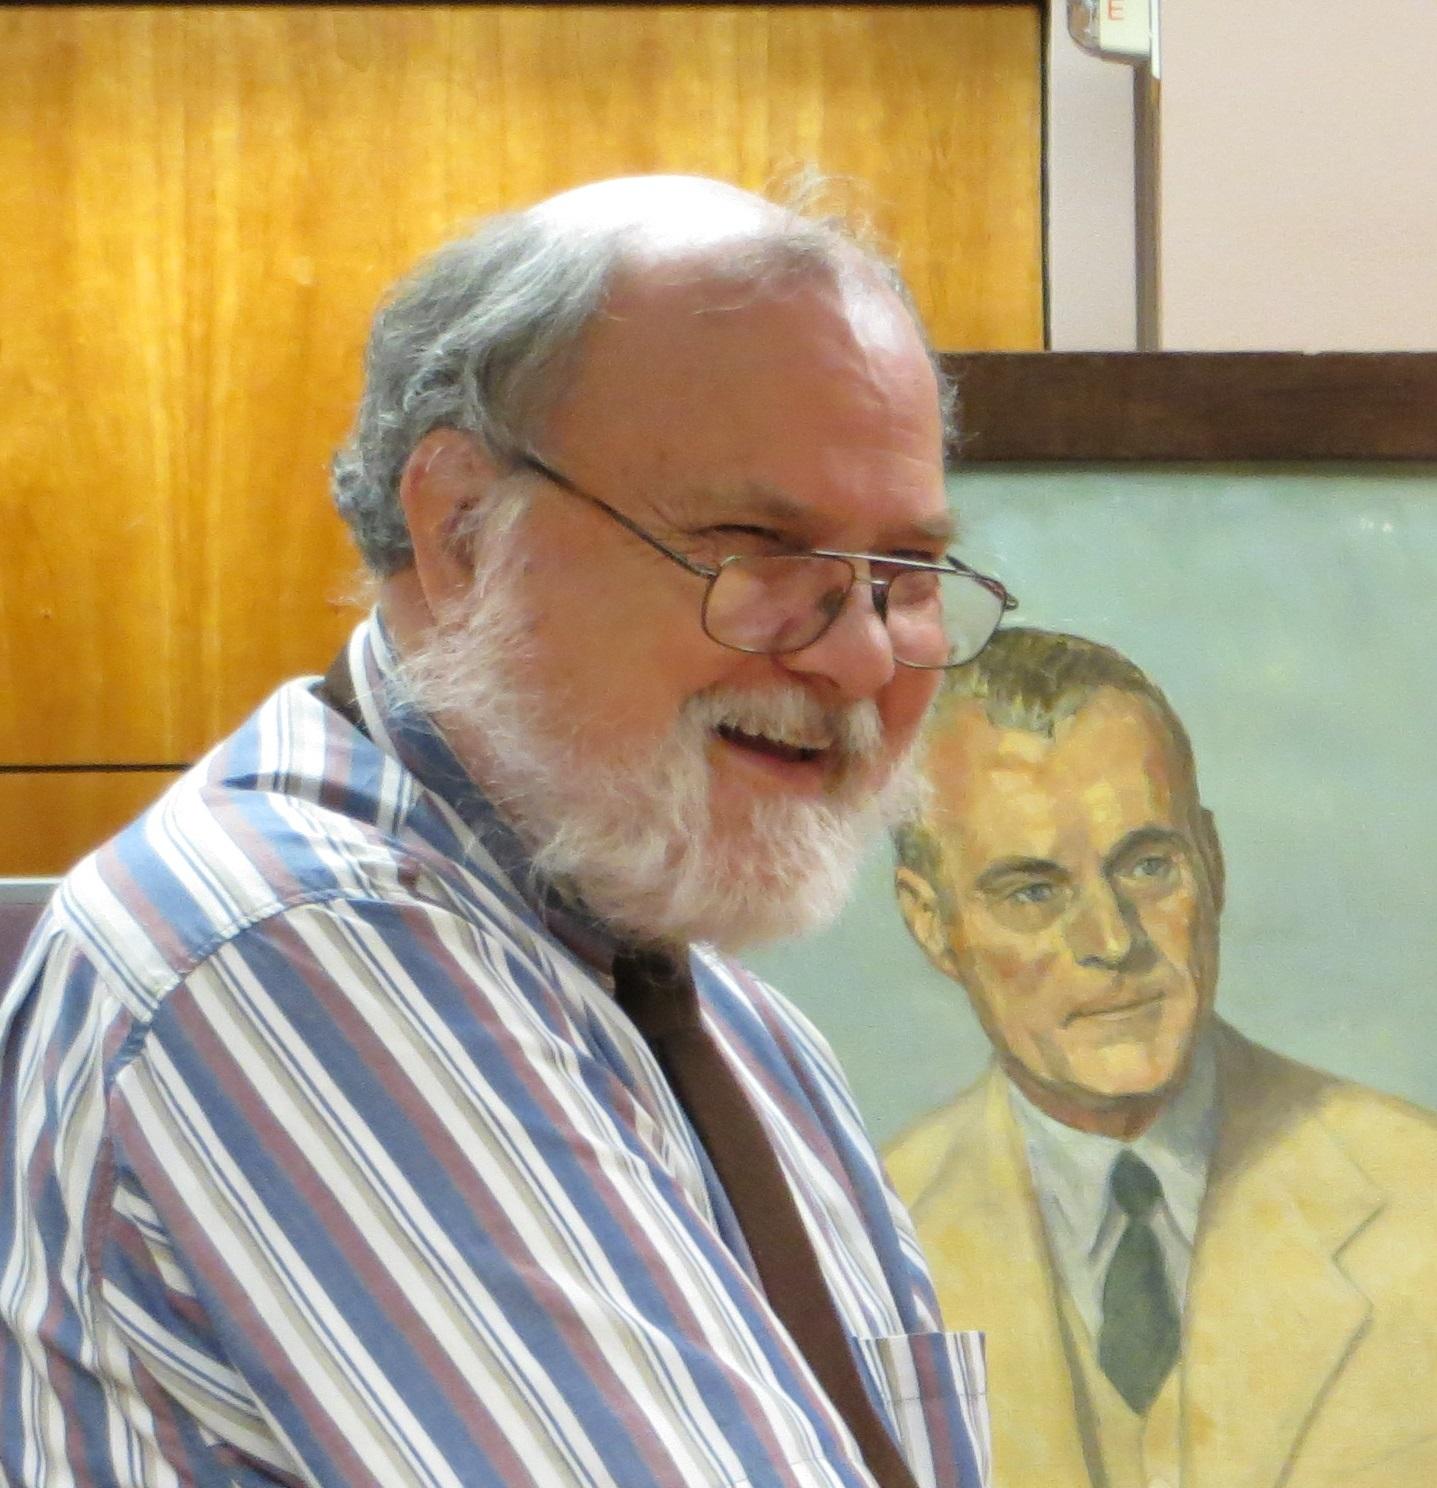 Dr. Bruce Turner